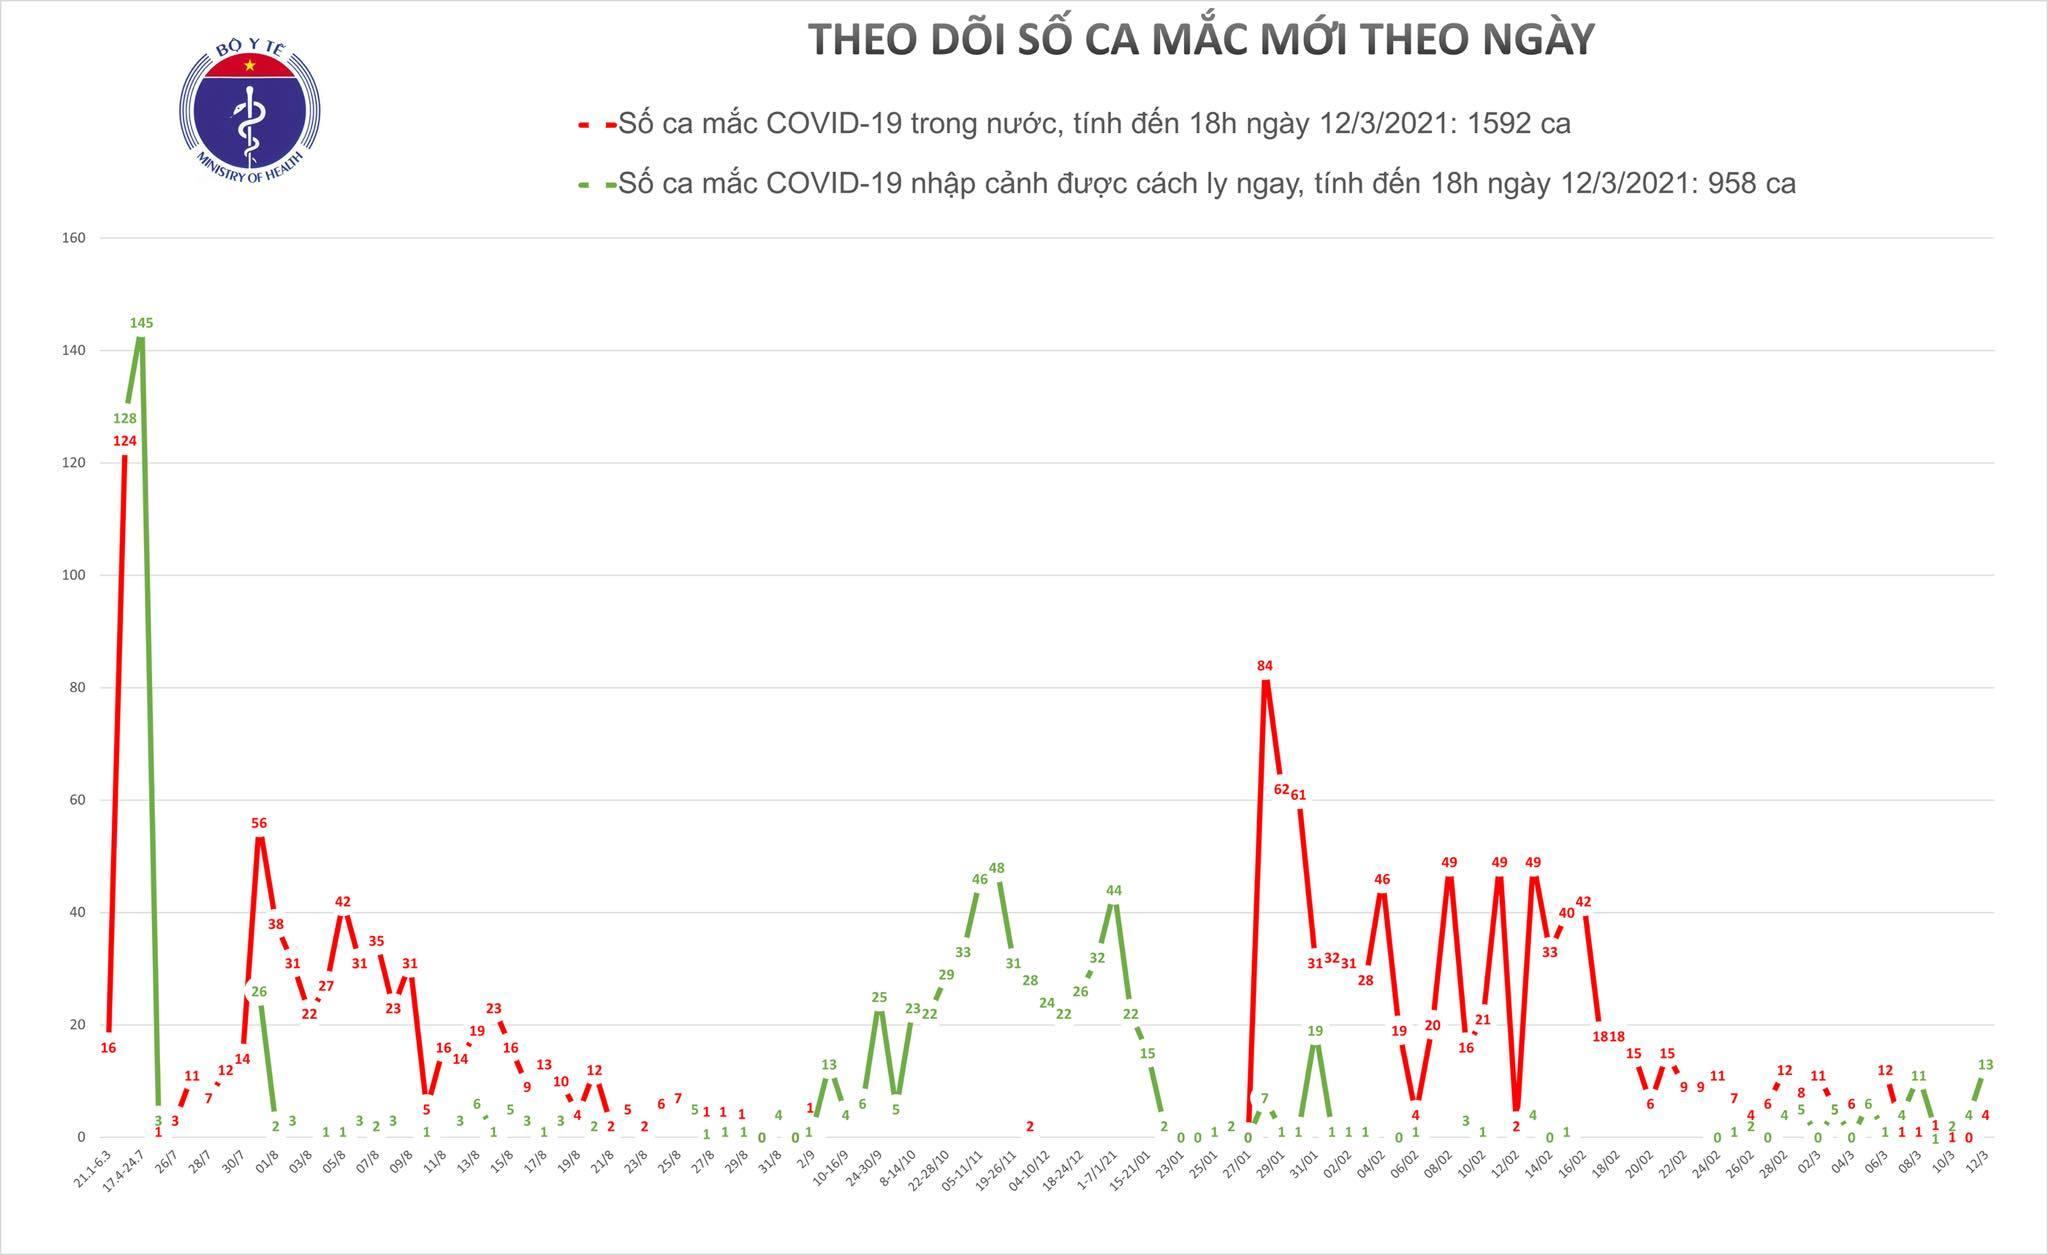 Ghi nhận 15 ca Covid-19 mới, có 2 ca lây nhiễm trong nước ở Hải Dương